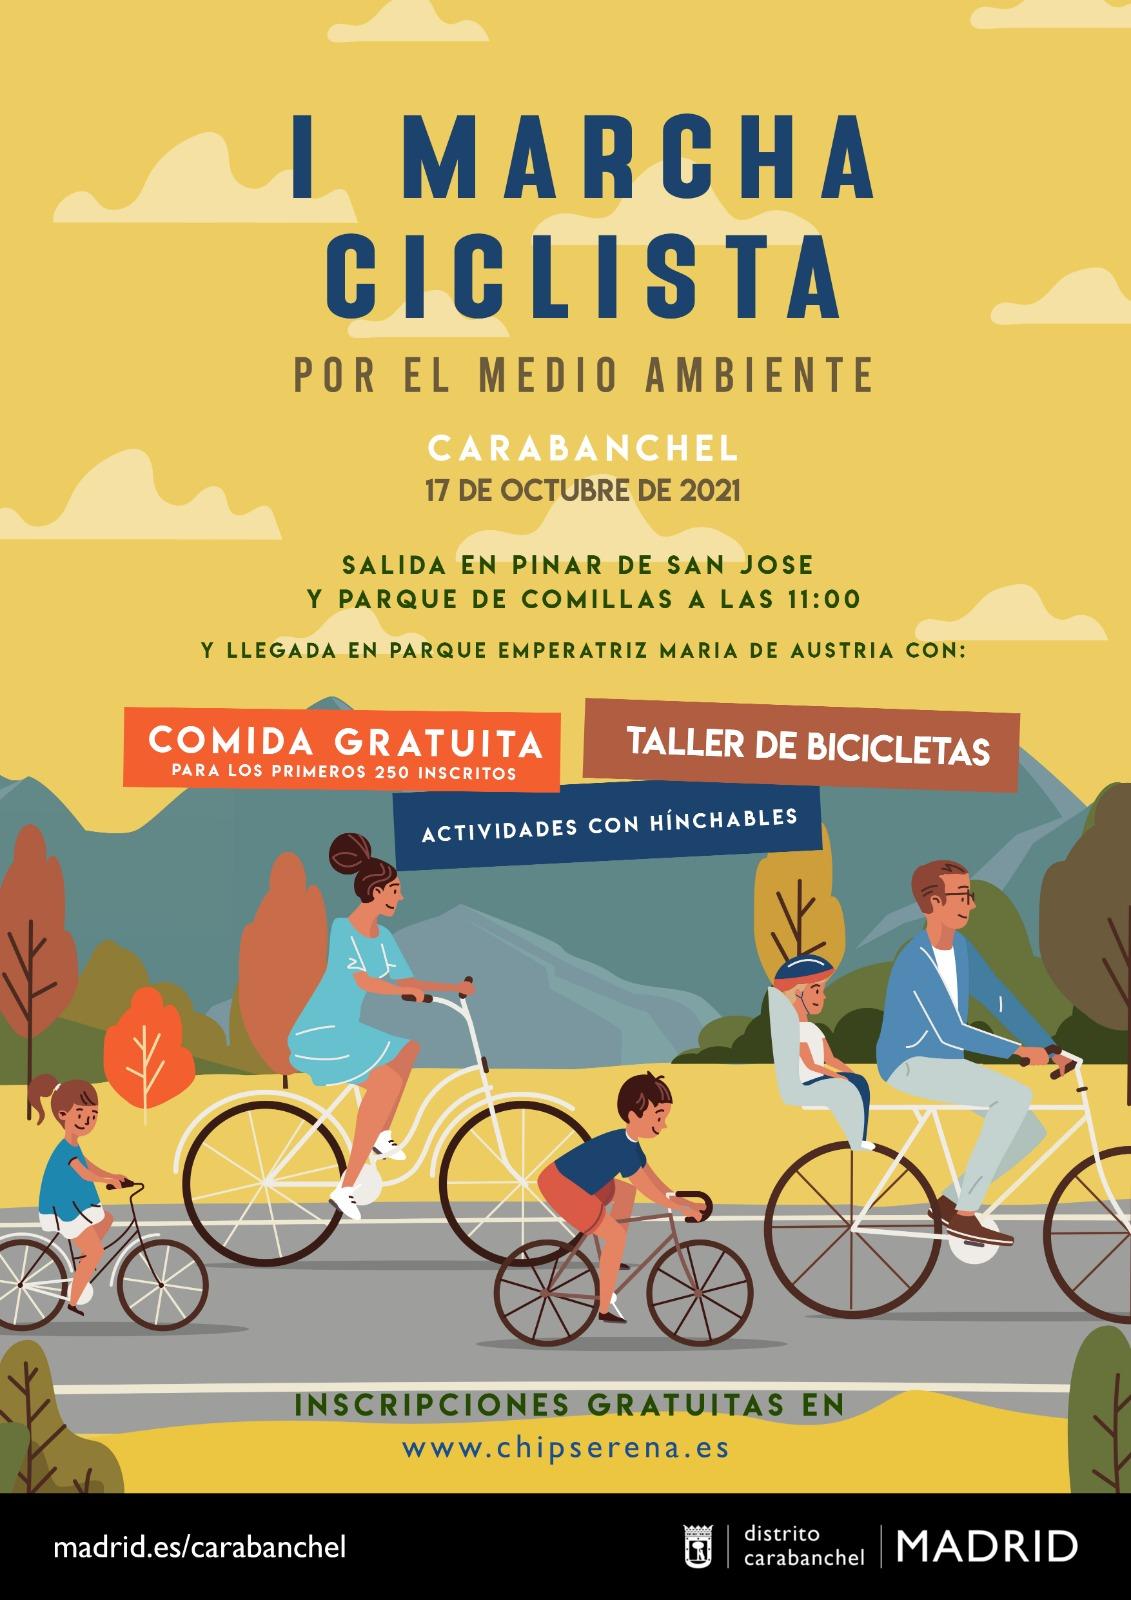 Marcha Ciclista por el Medio Ambiente Carabanchel